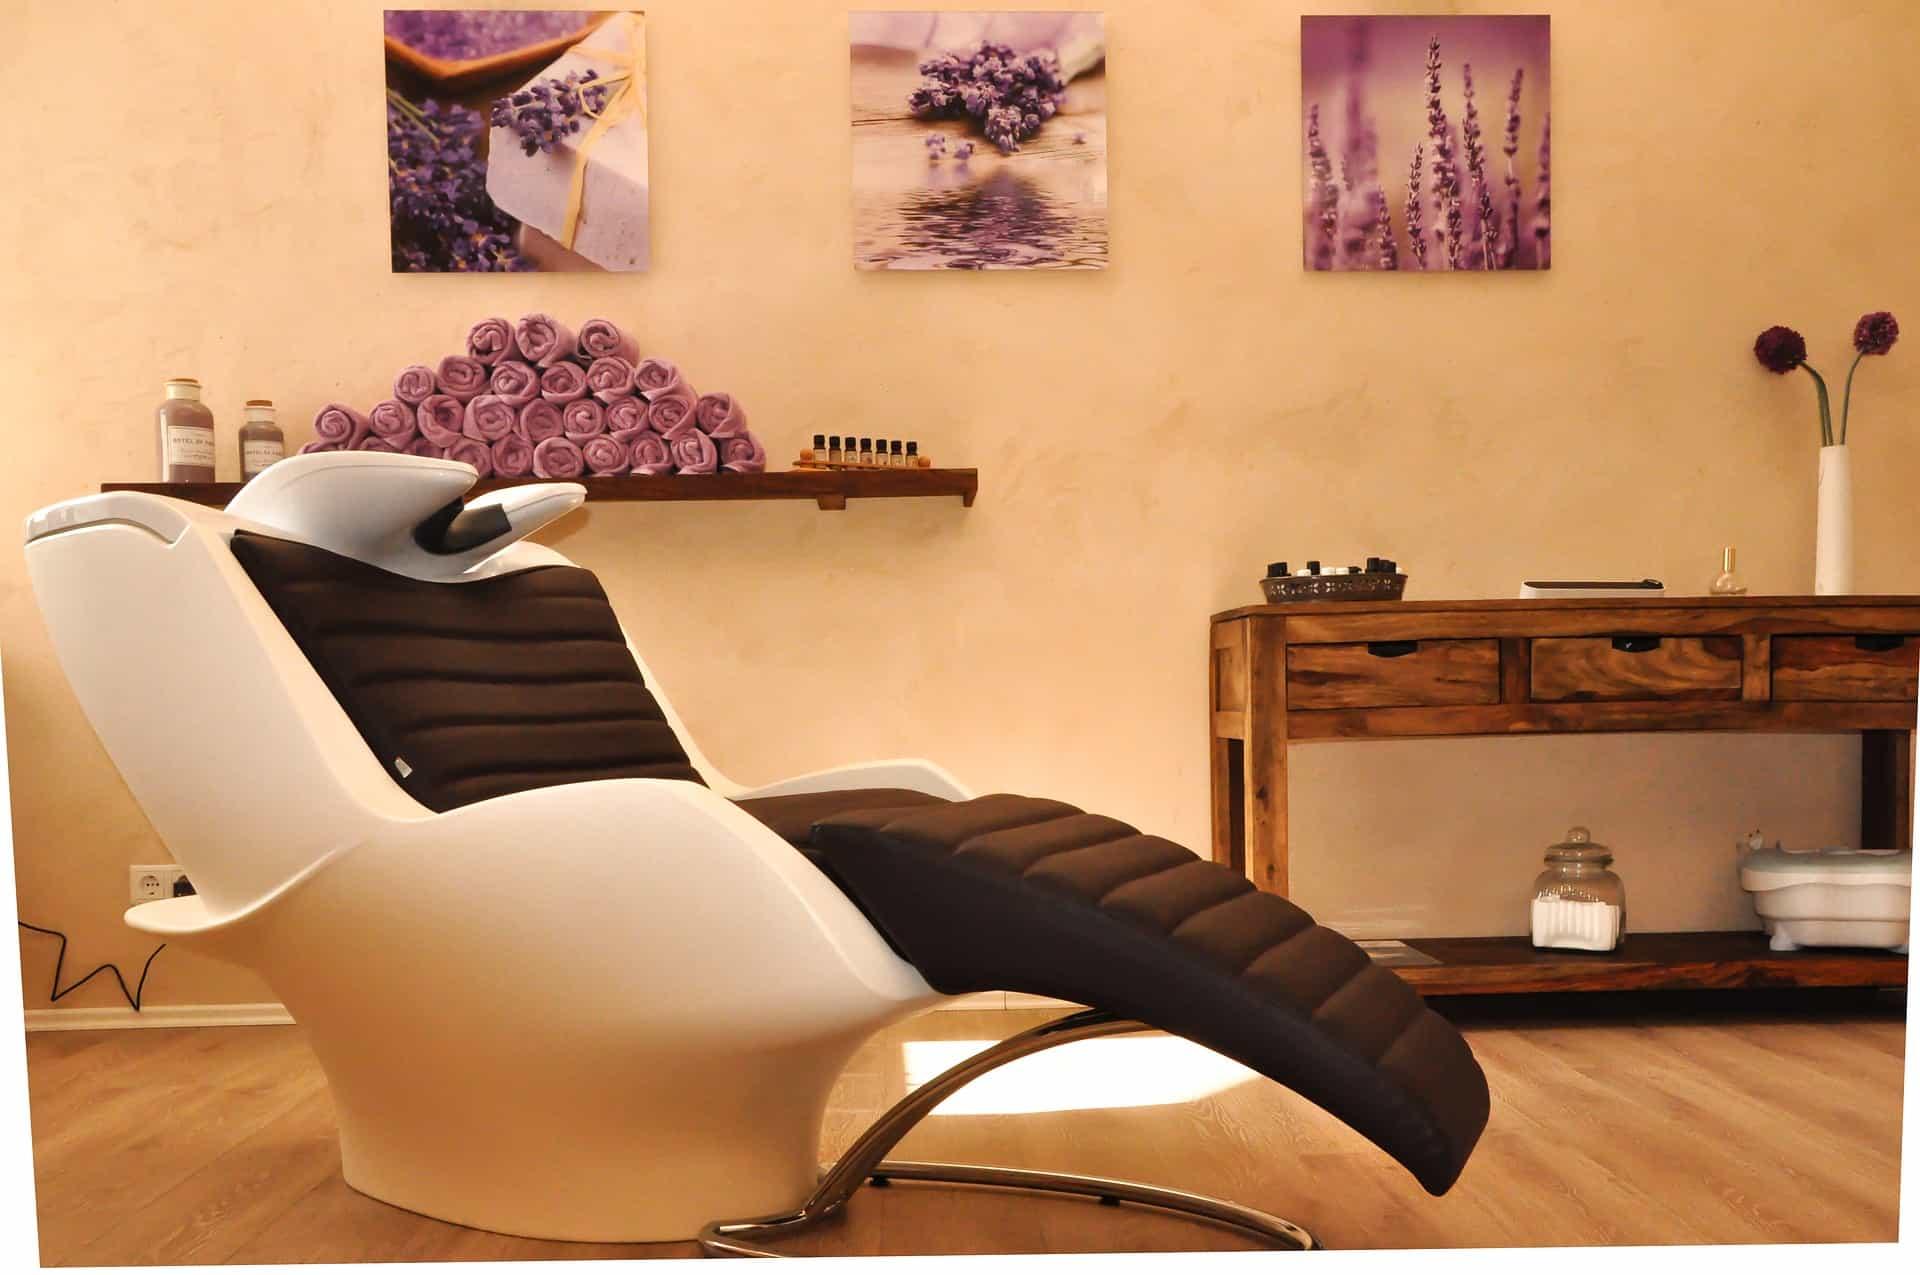 Salão de cabeleireiro decorado em bege, marrom e roxo, com lavatório em primeiro plano.